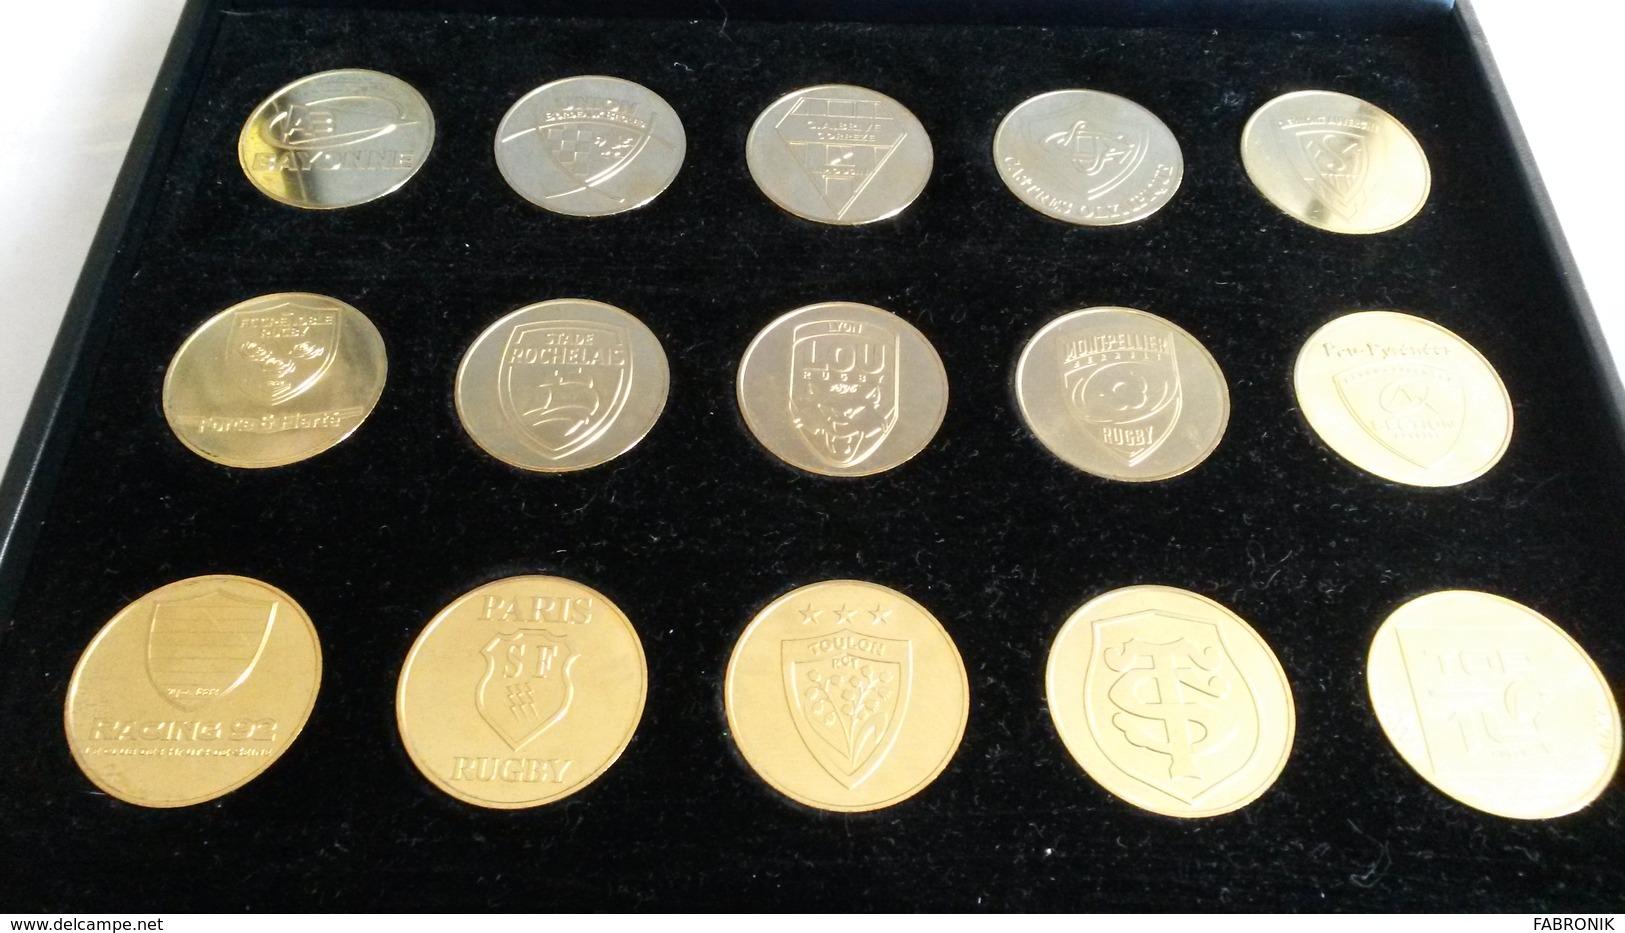 COFFRET DES 14 CLUBS MONNAIE DE PARIS TOP 14 RUGBY - Monnaie De Paris